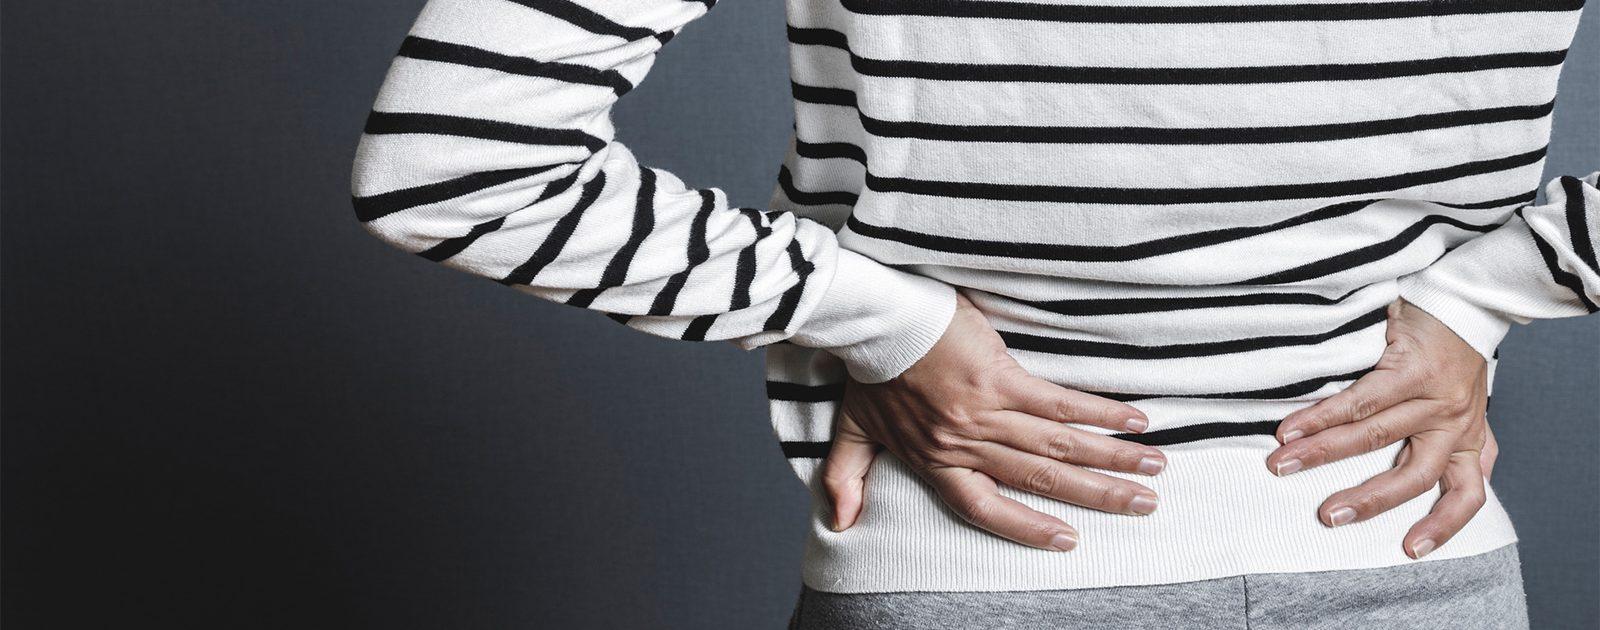 Frau mit Rückenschmerzen oder Nervenschmerzen.